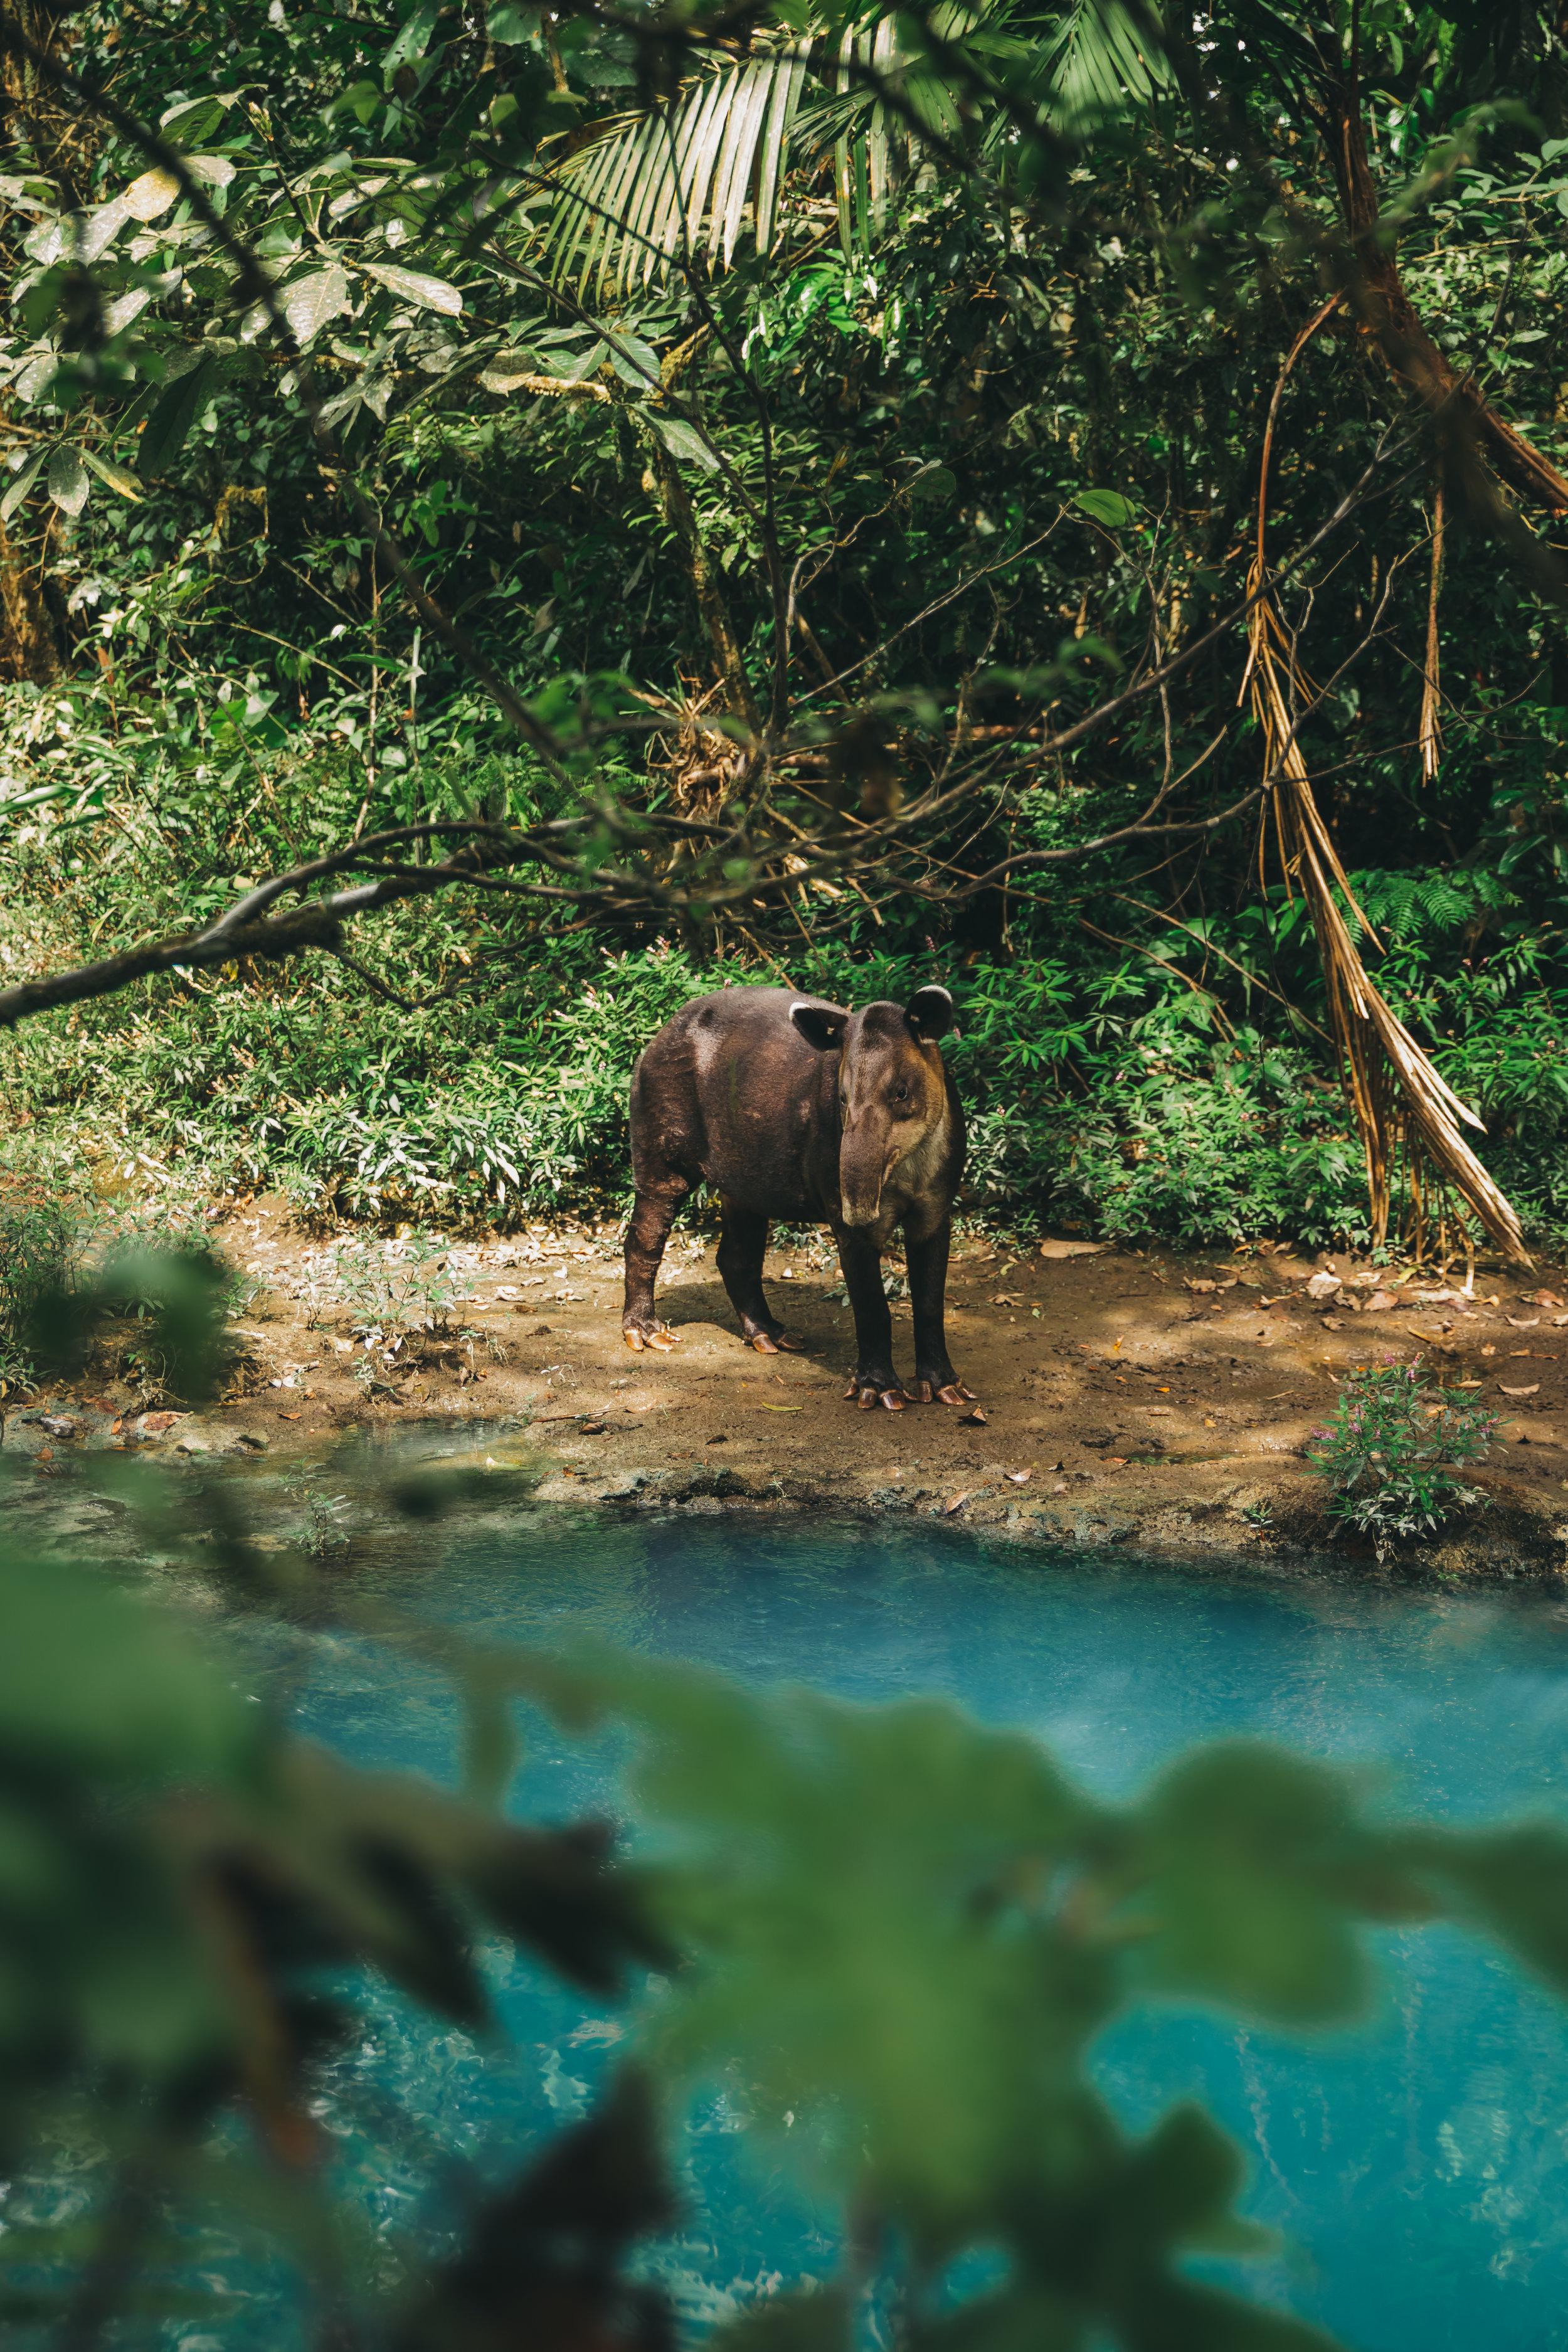 Rio celeste 3.jpg